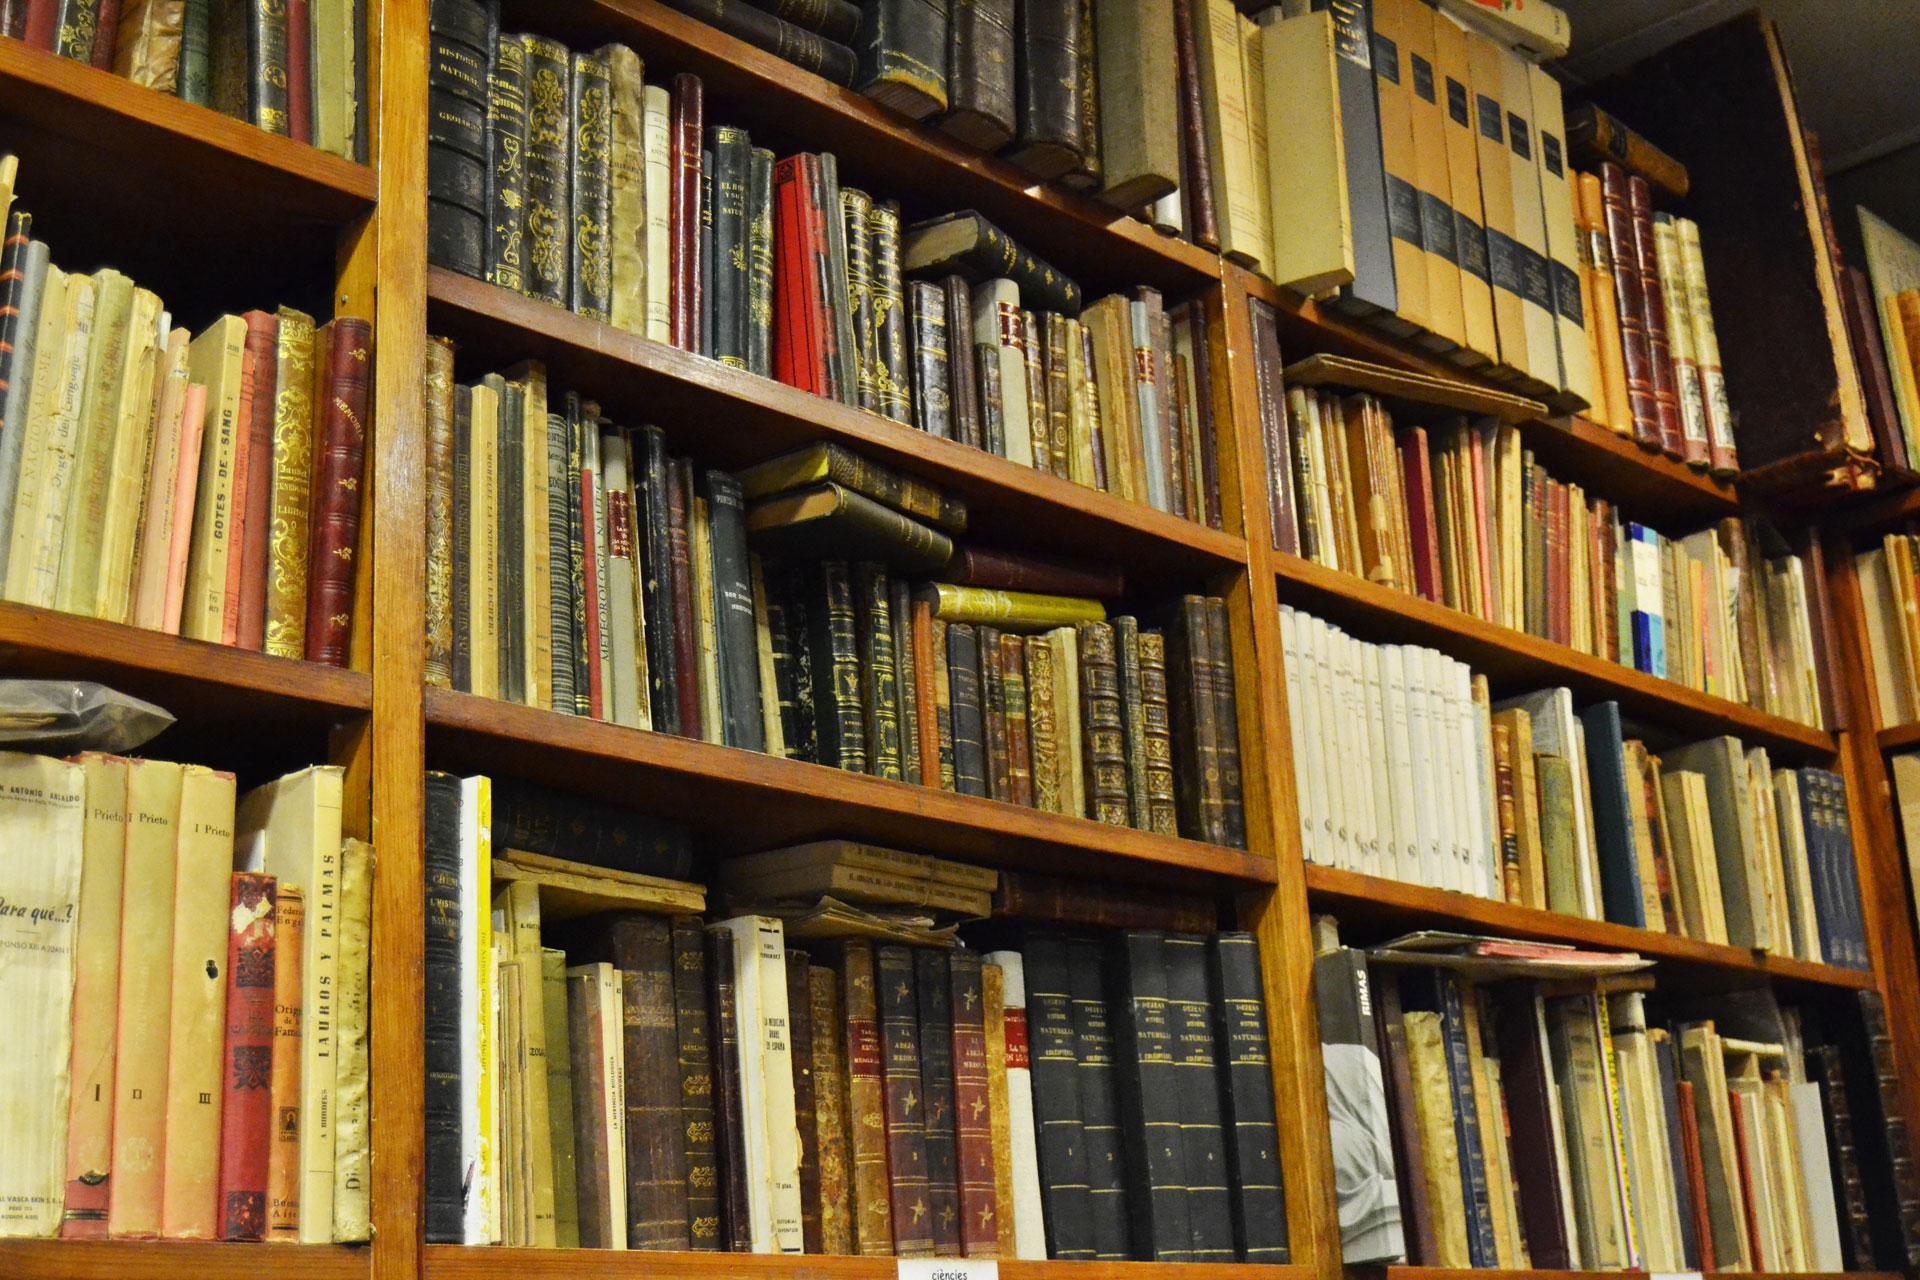 ヨーロッパの洋書古本が収められた古書店の本棚